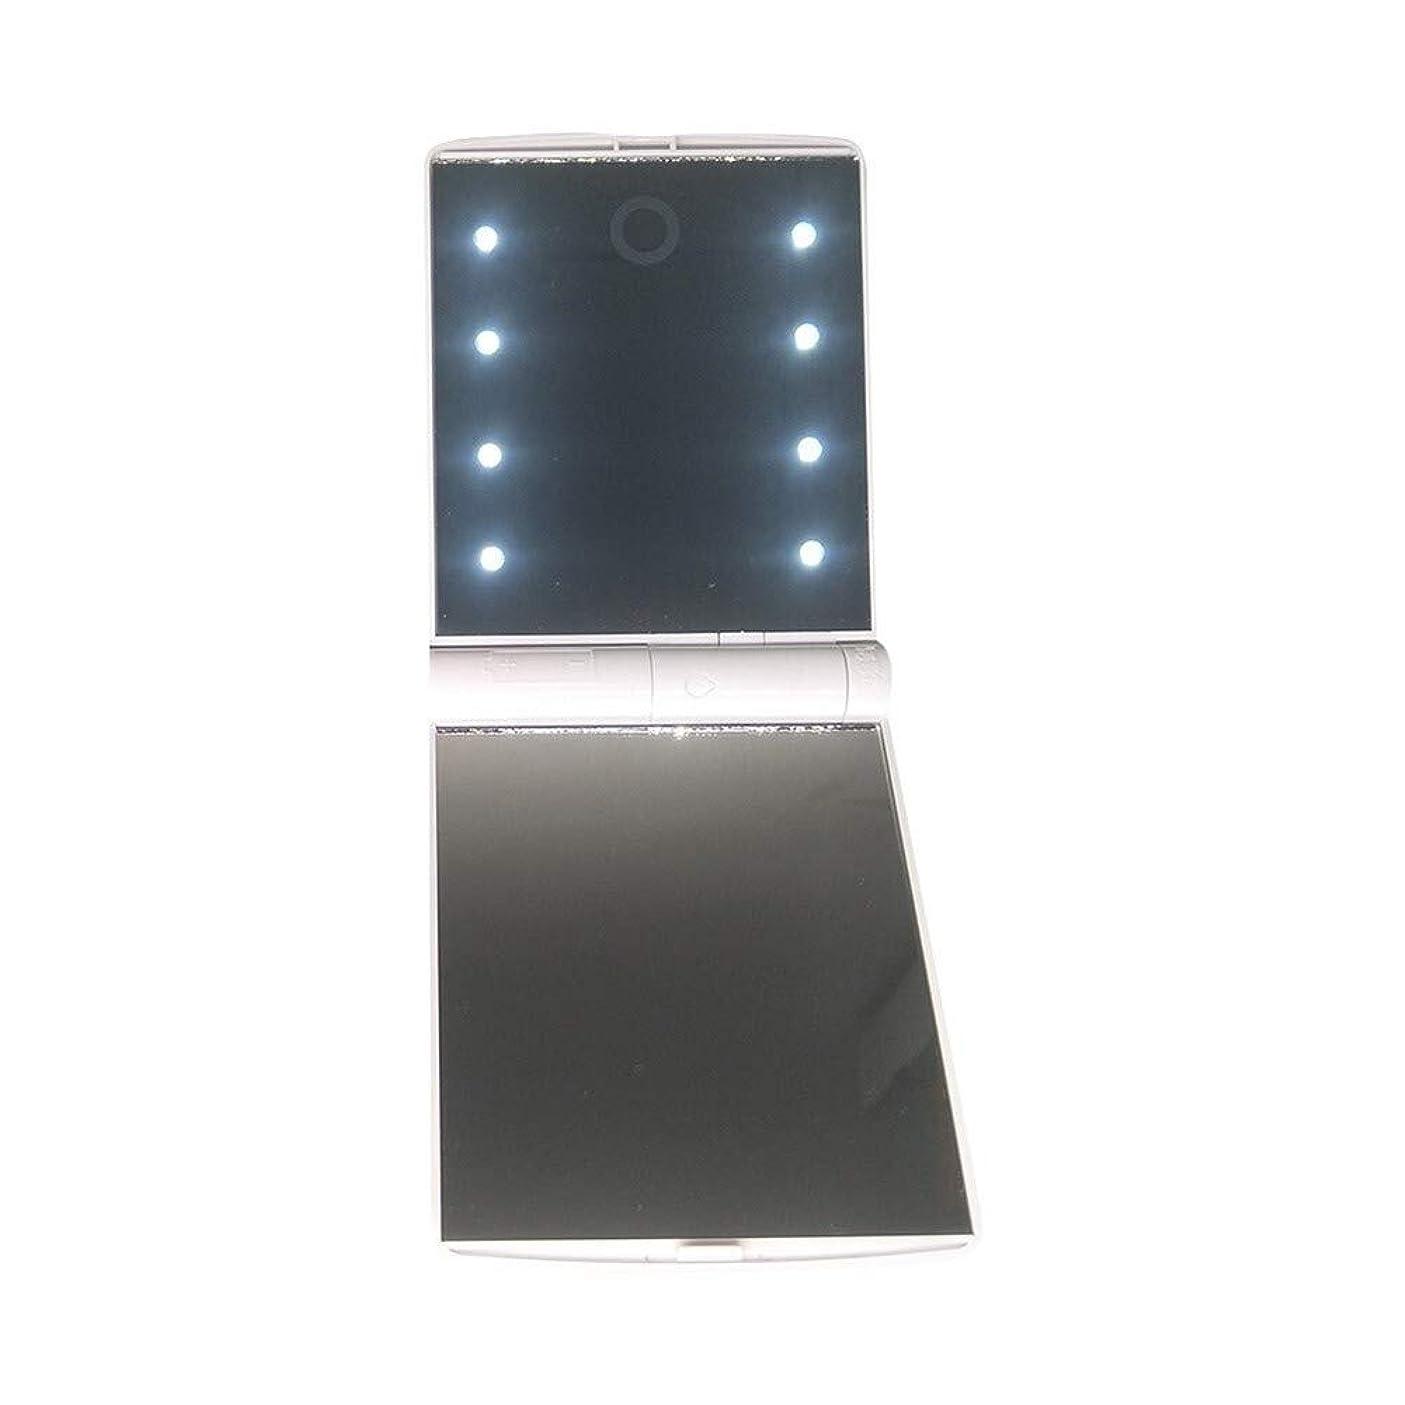 薄暗いフレキシブル不運化粧鏡 23A / 12Vのバッテリを使った携帯用化粧鏡LED照光調整明る折り畳み式の両面ミラー LED 両面 鏡 卓上 スタンドミラー メイク (Color : White)